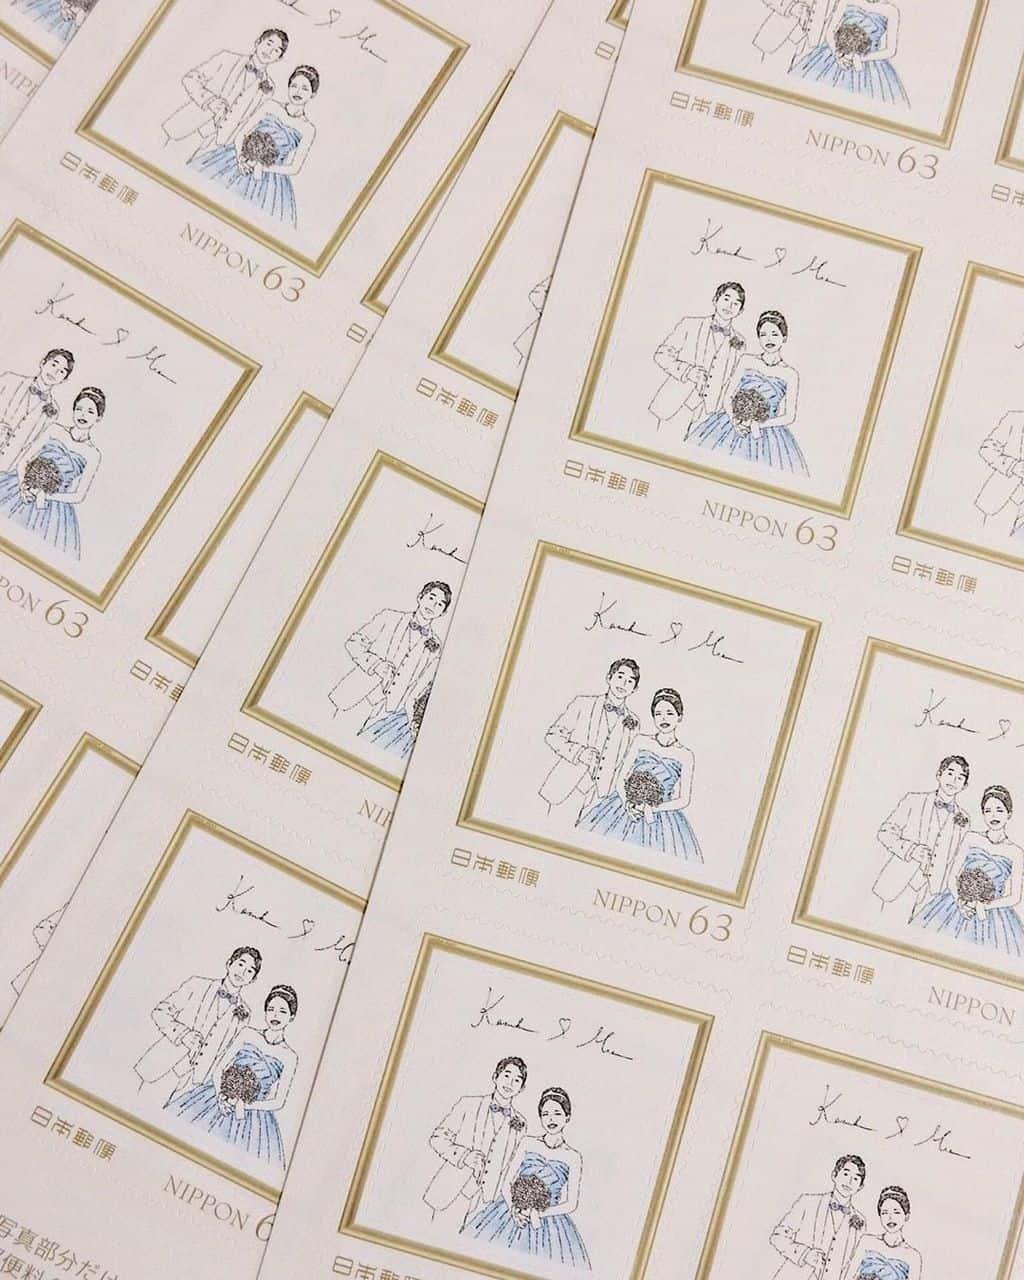 LINEで招待状のオリジナル切手が作れるって知ってた?封筒もおしゃれにDIYしよ♡のカバー写真